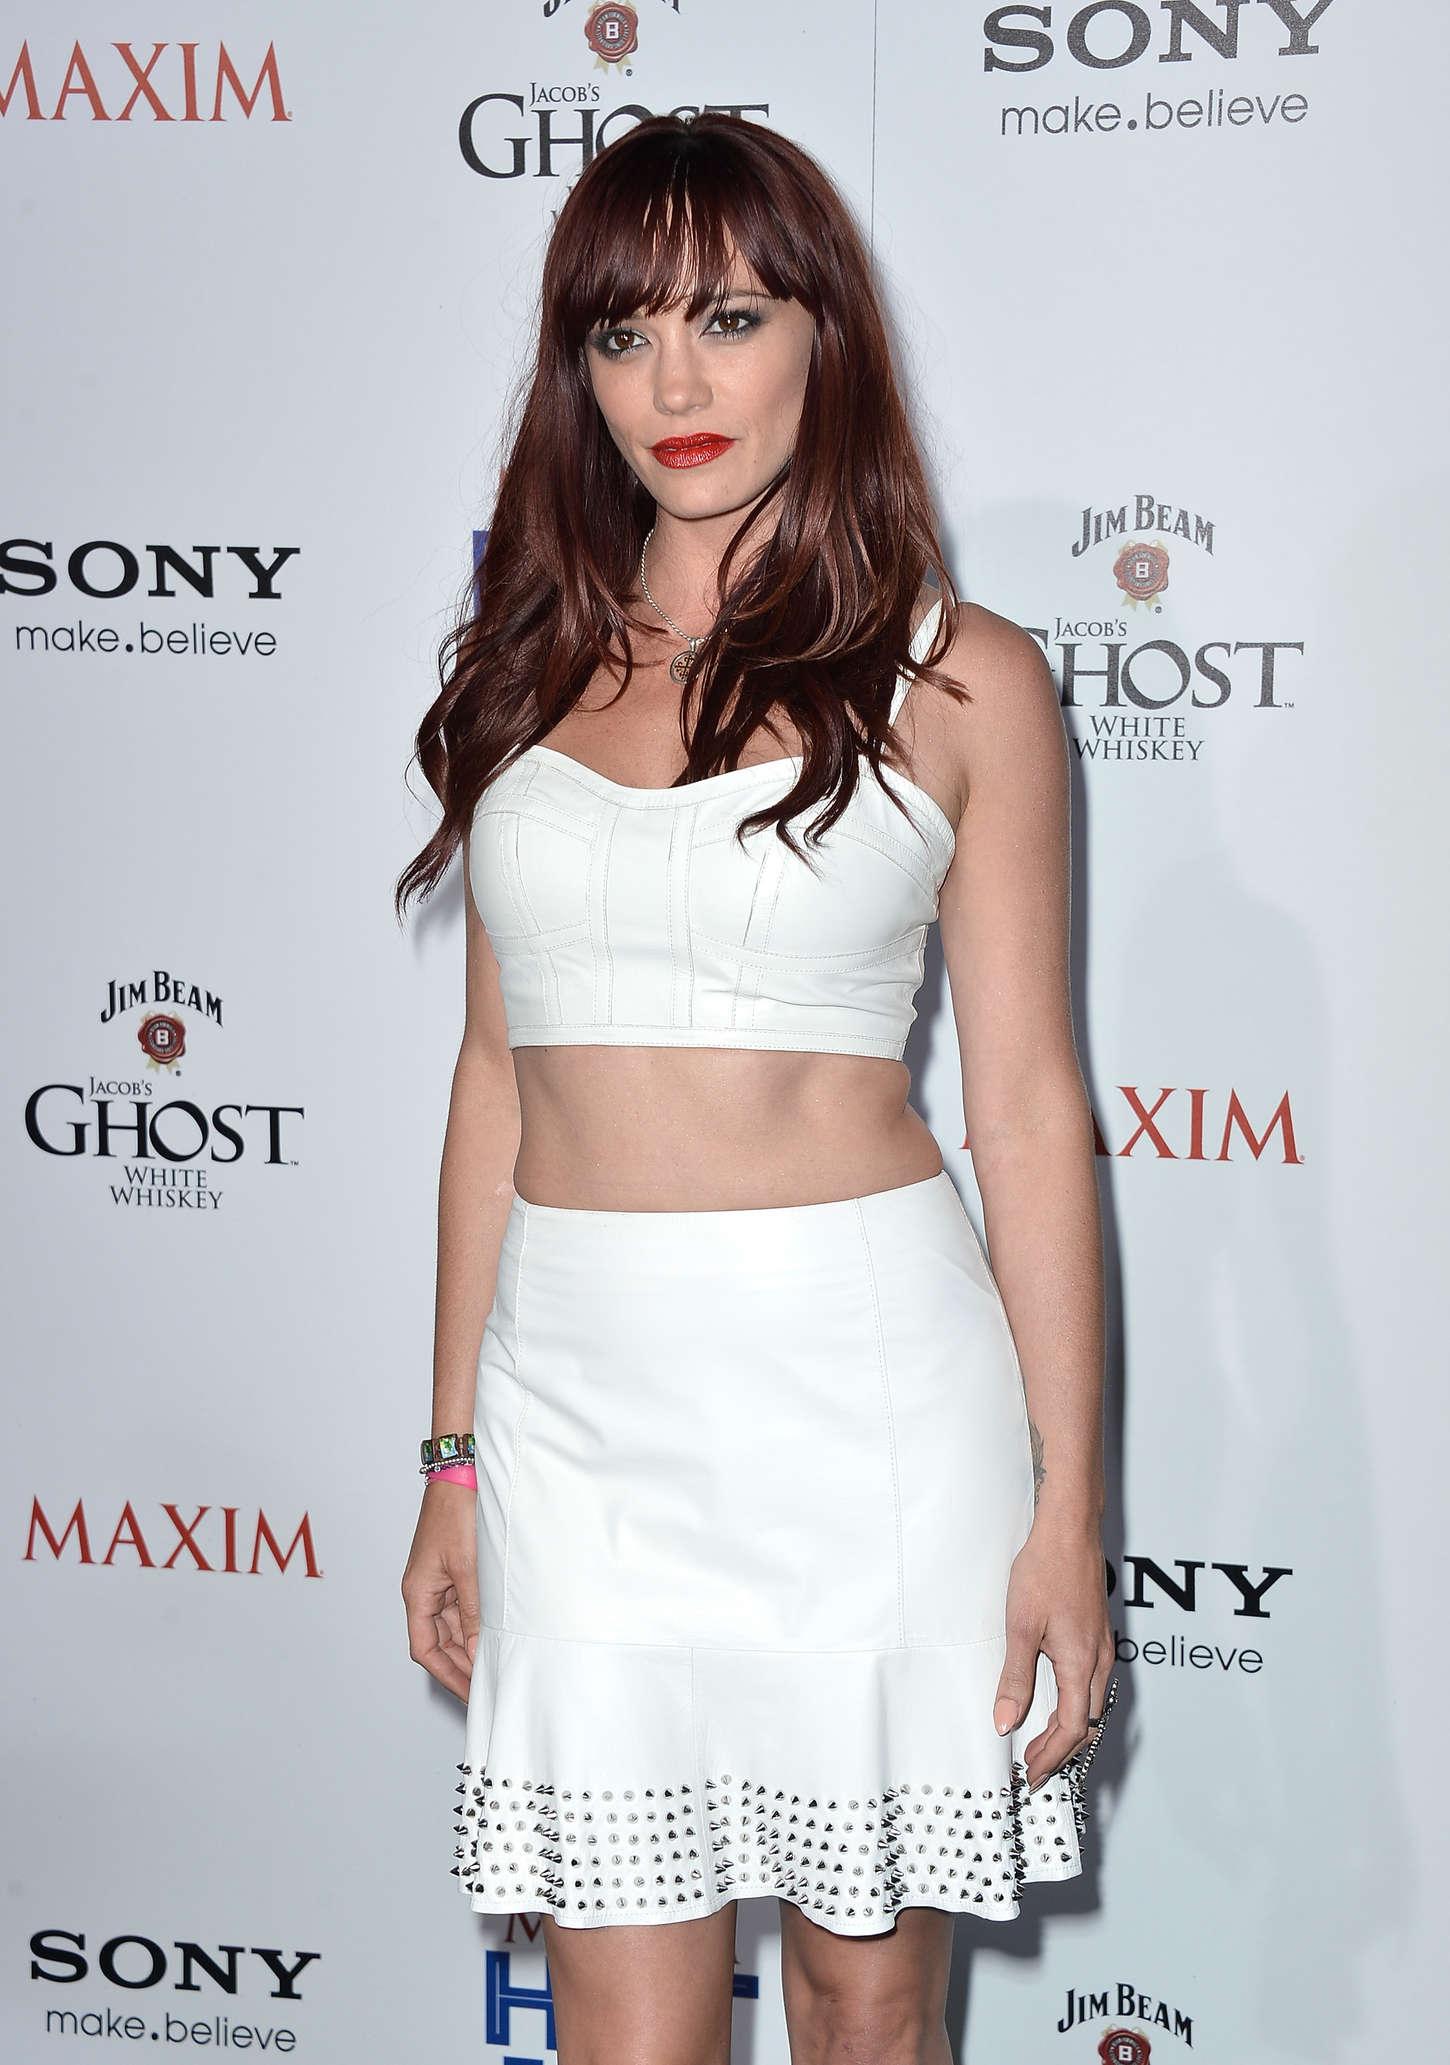 Jessica Sutta 2013 : Jessica Sutta at the 2013 Maxim Hot 100 Party -02